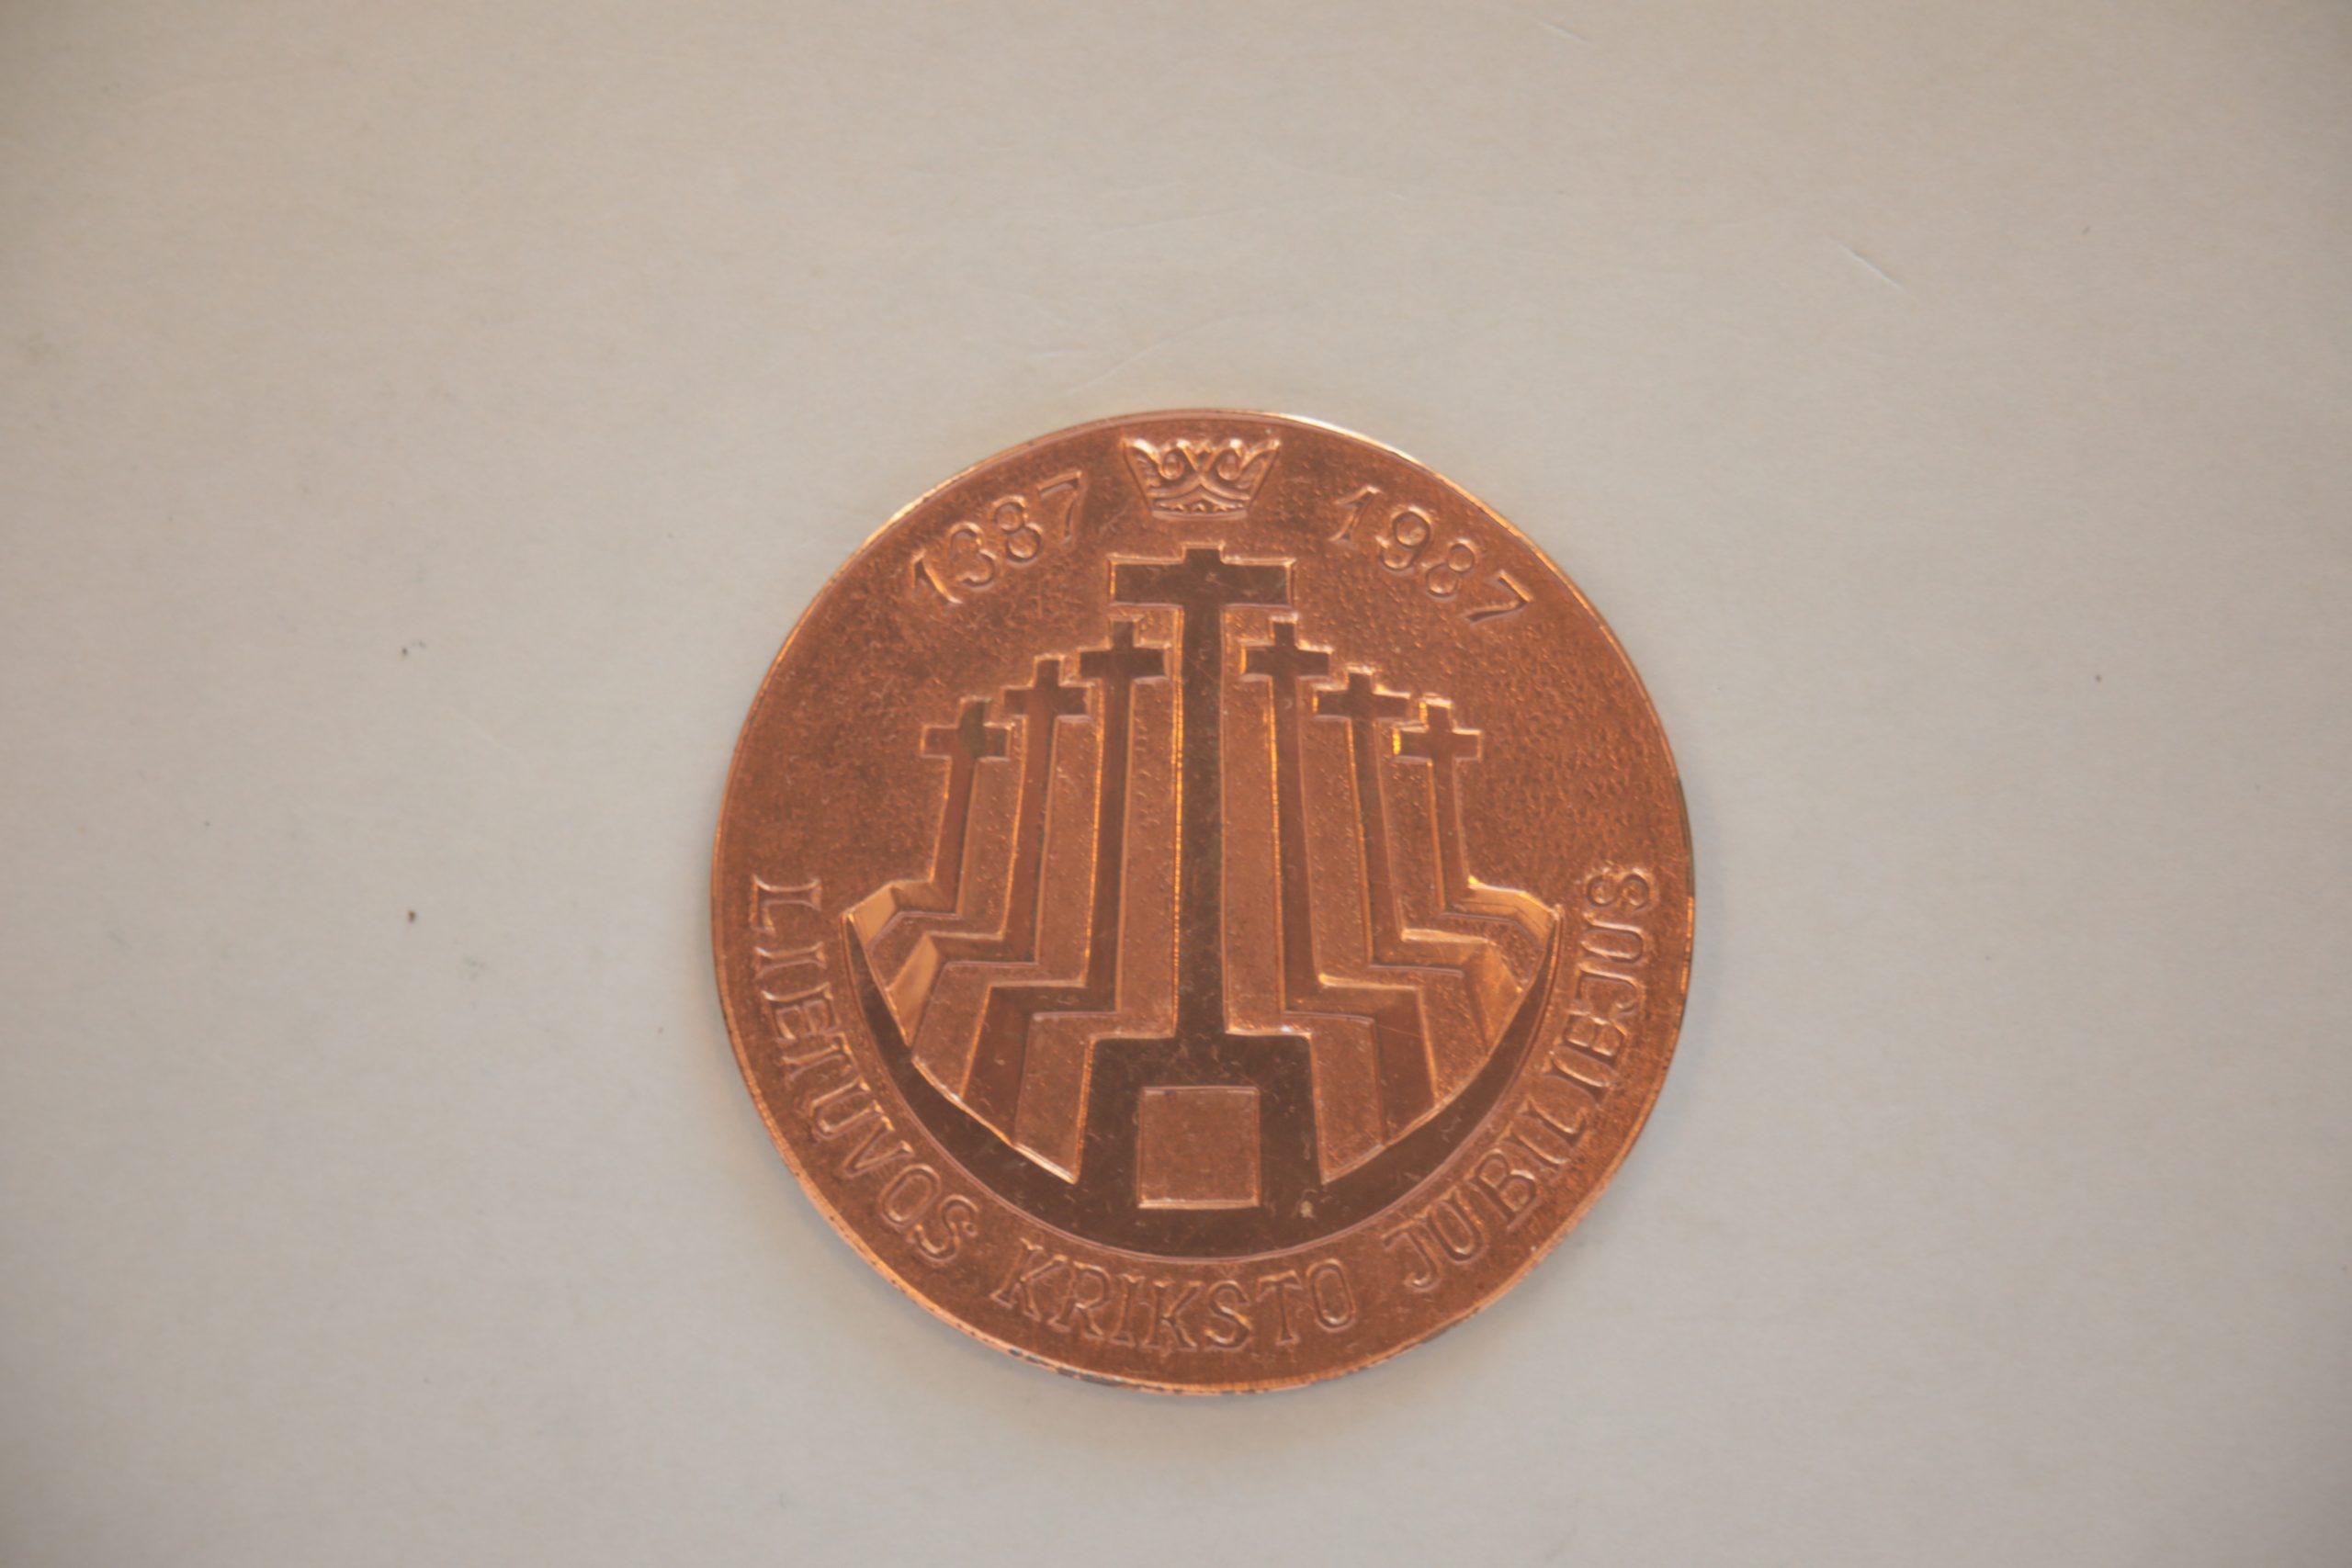 Medalis. Lietuvos krikšto jubiliejus. Metalas. Autorius nežinomas